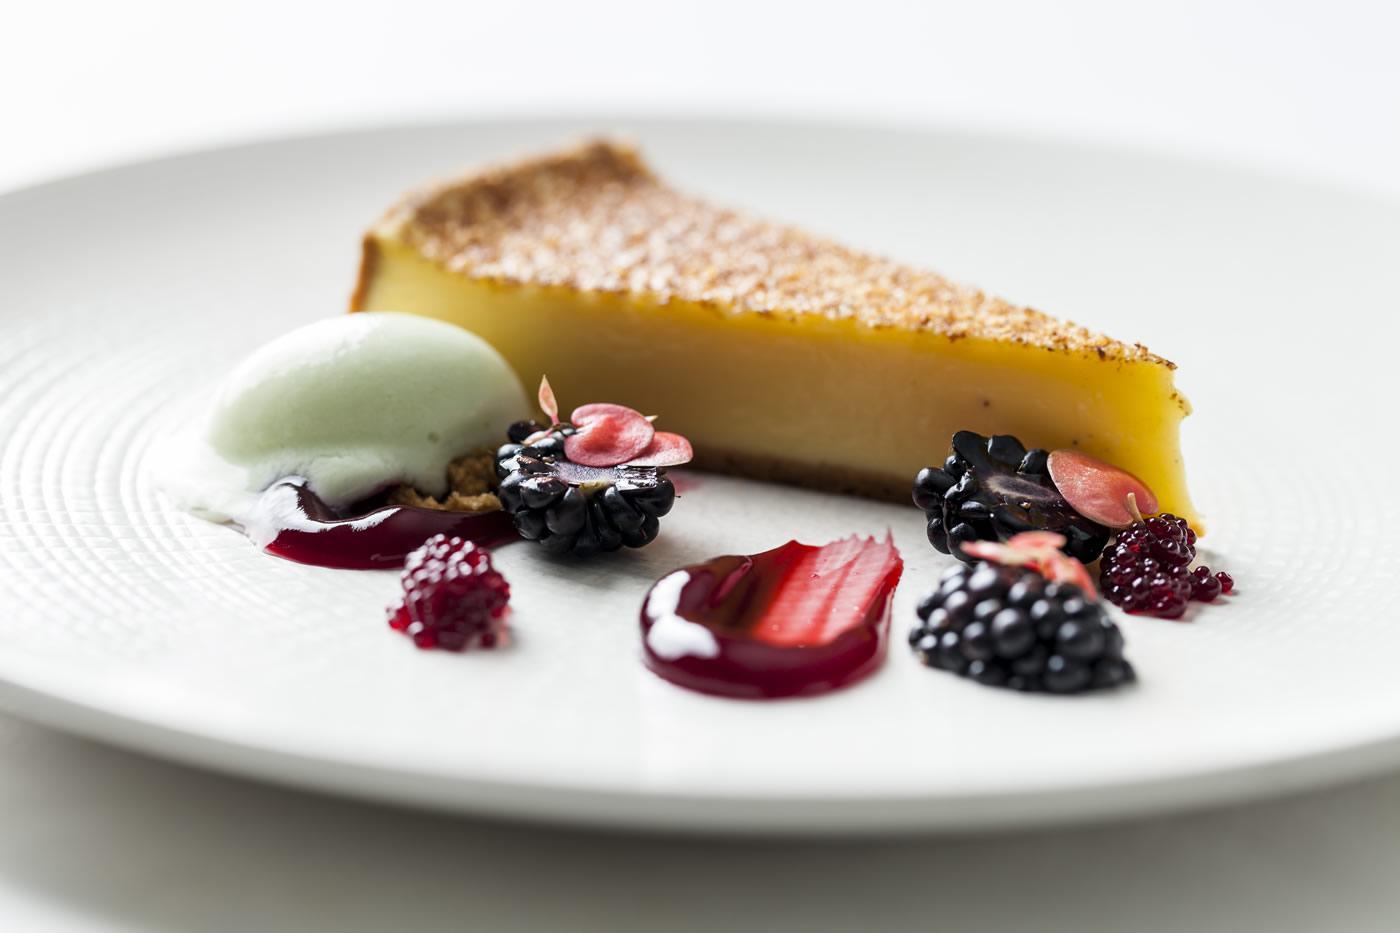 lemon tart & berries